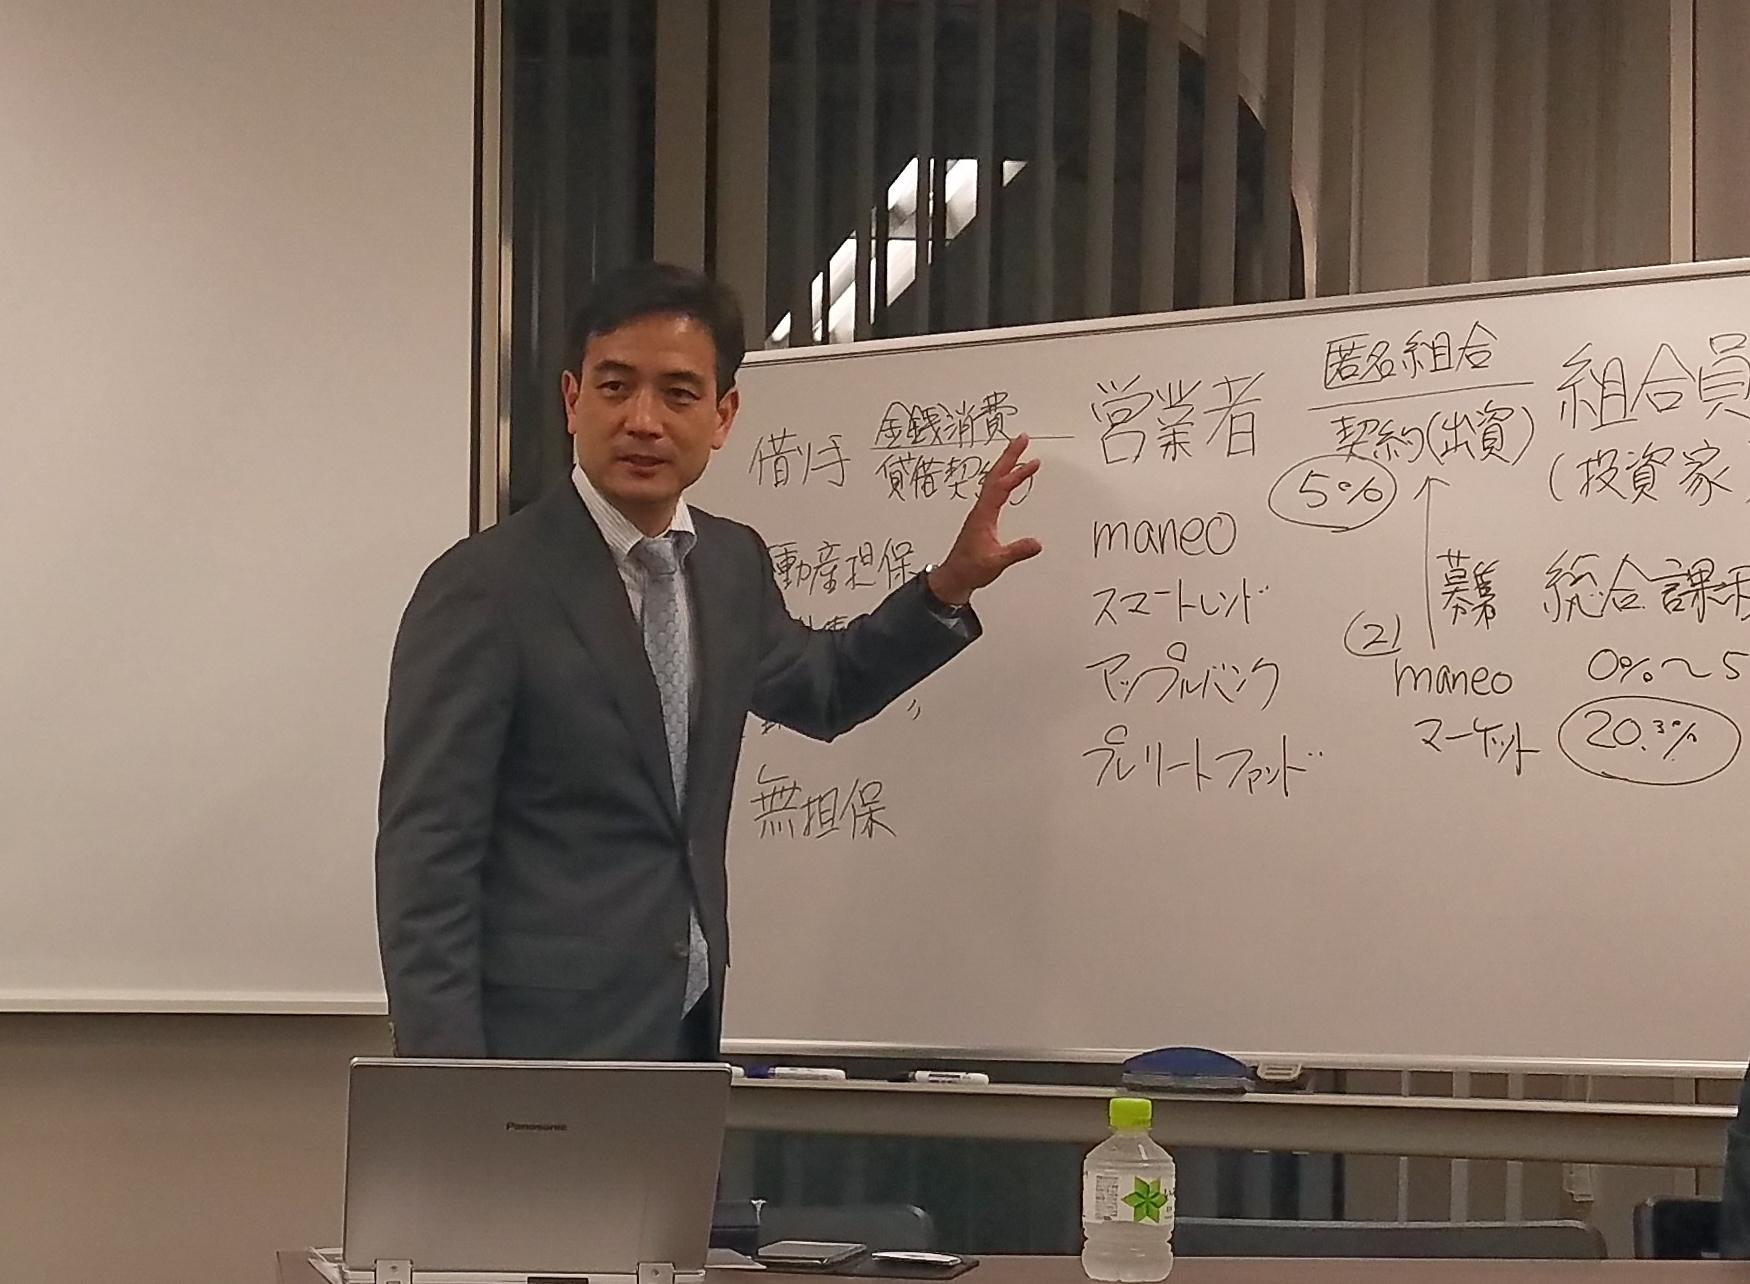 20180611maneoセミナーにおける瀧本社長